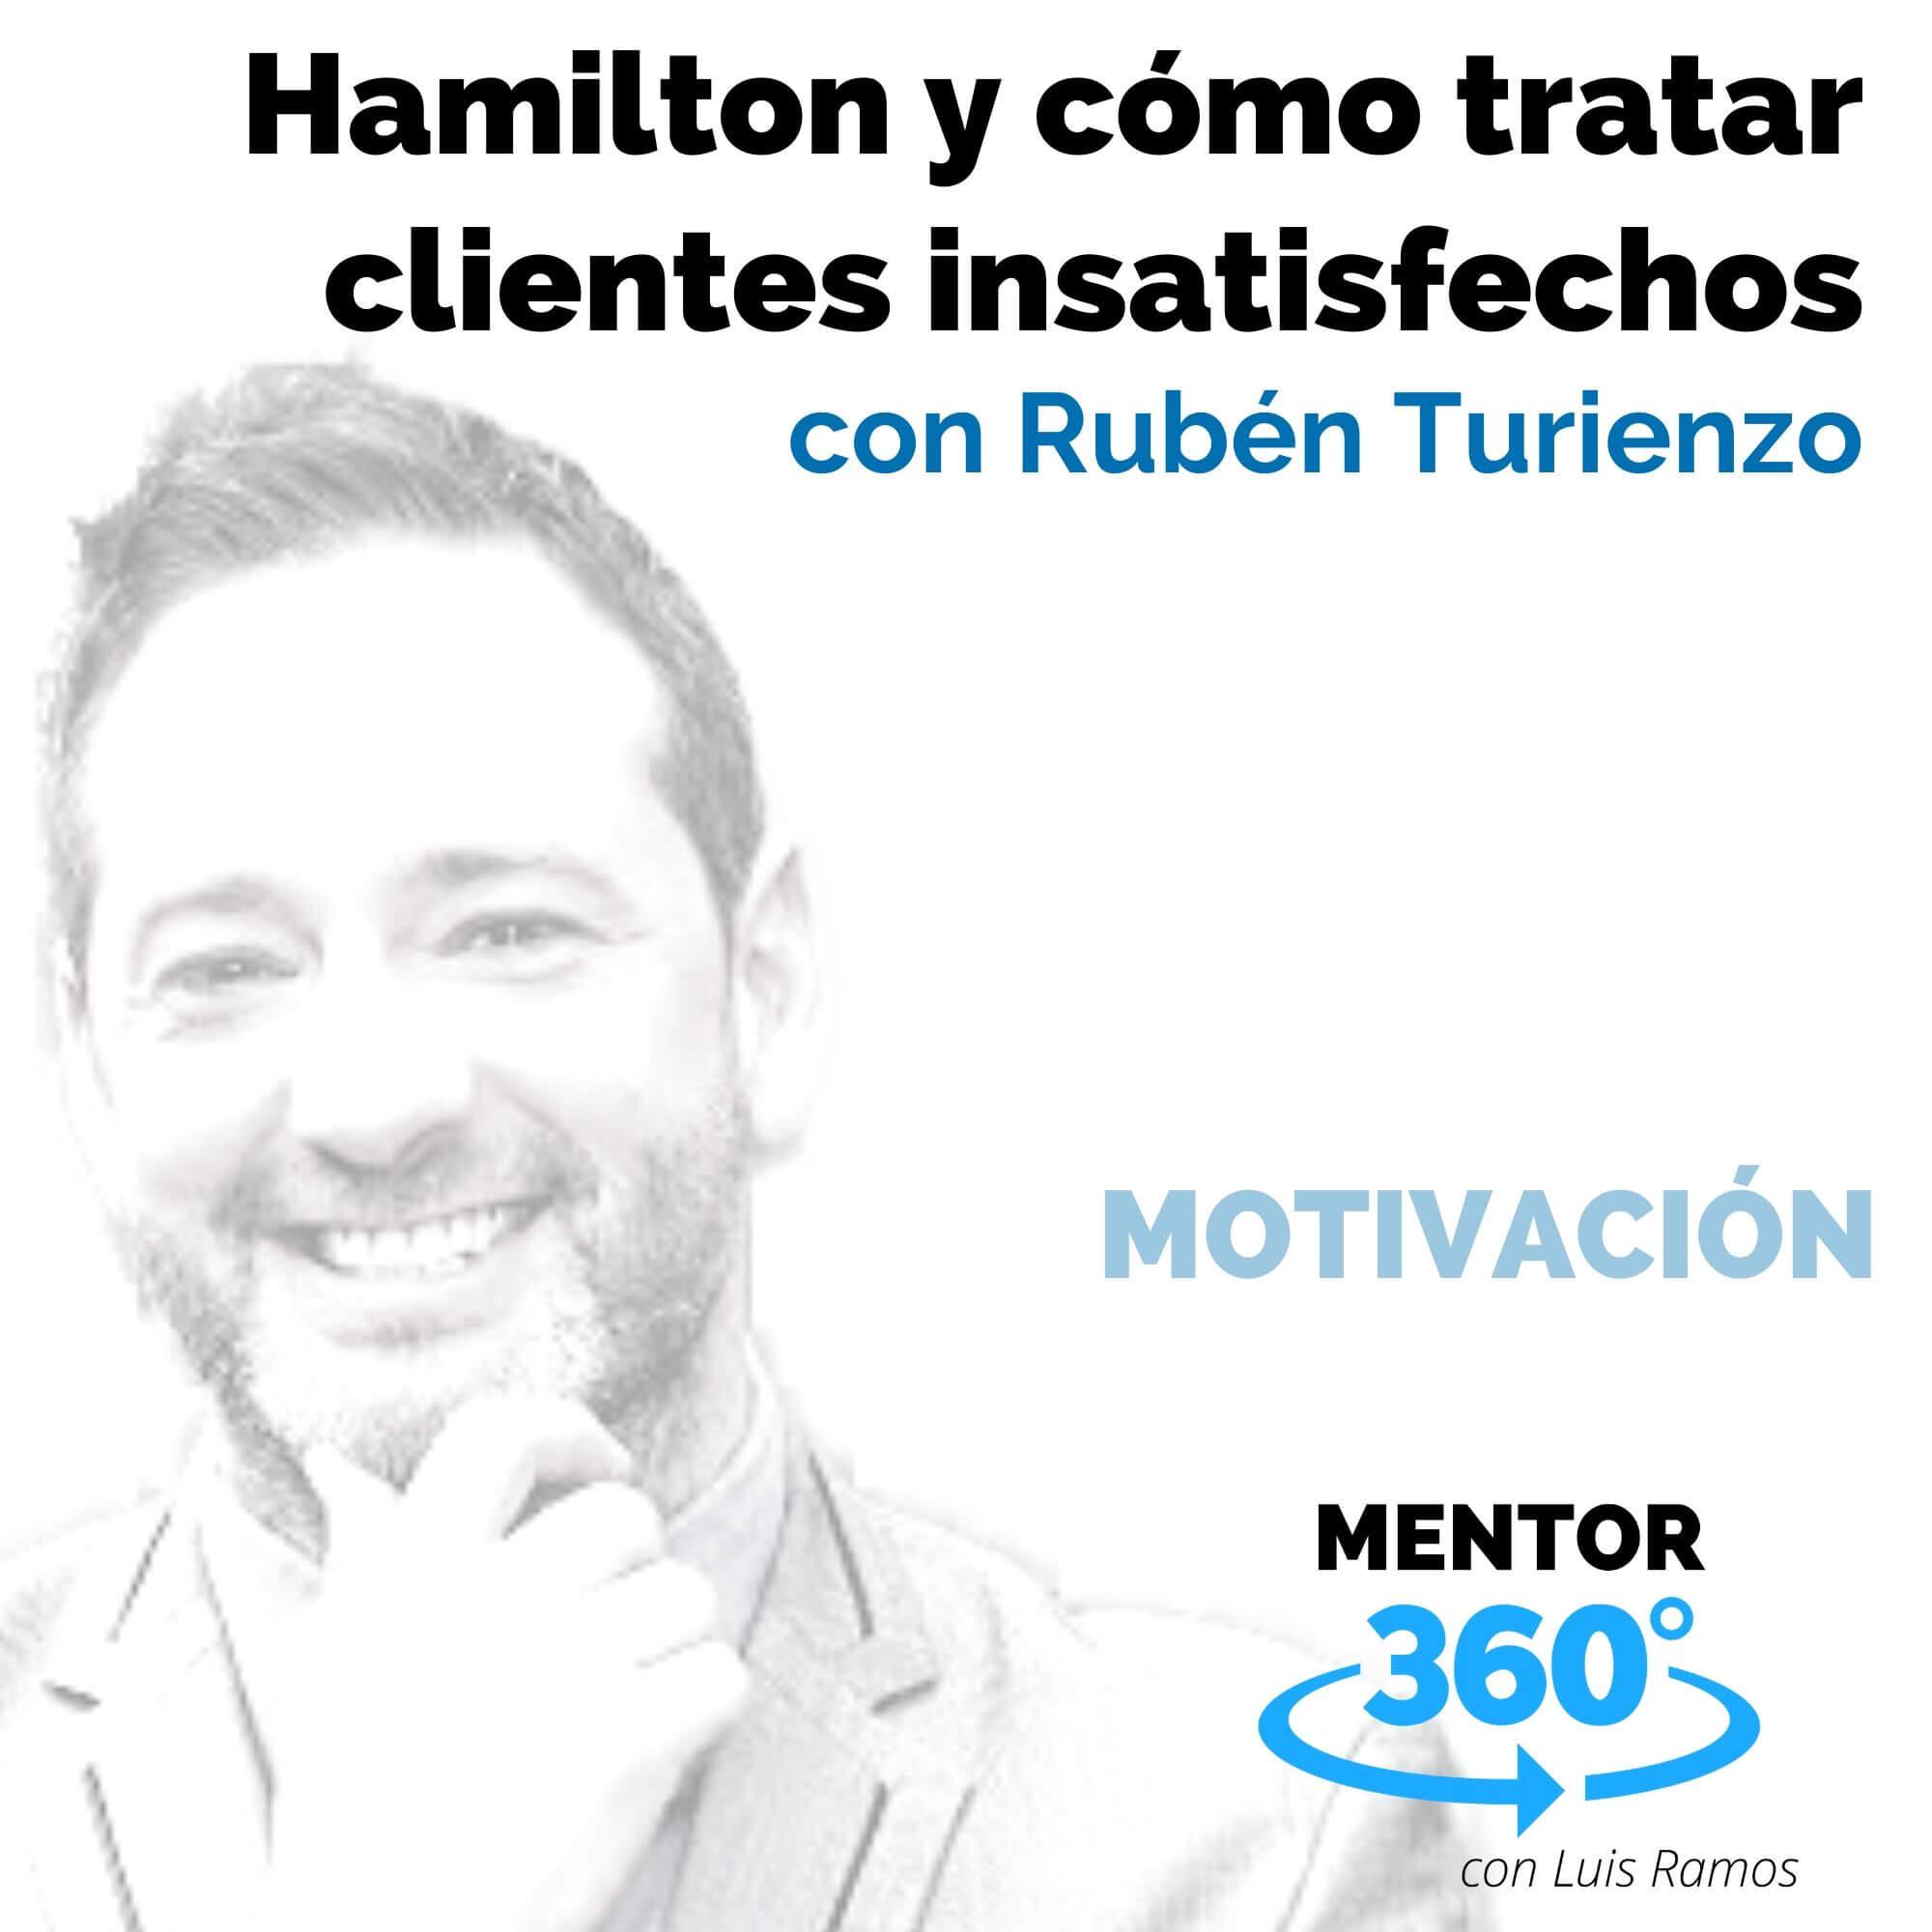 Hamilton y cómo tratar clientes insatisfechos, con Rubén Turienzo - MOTIVACIÓN